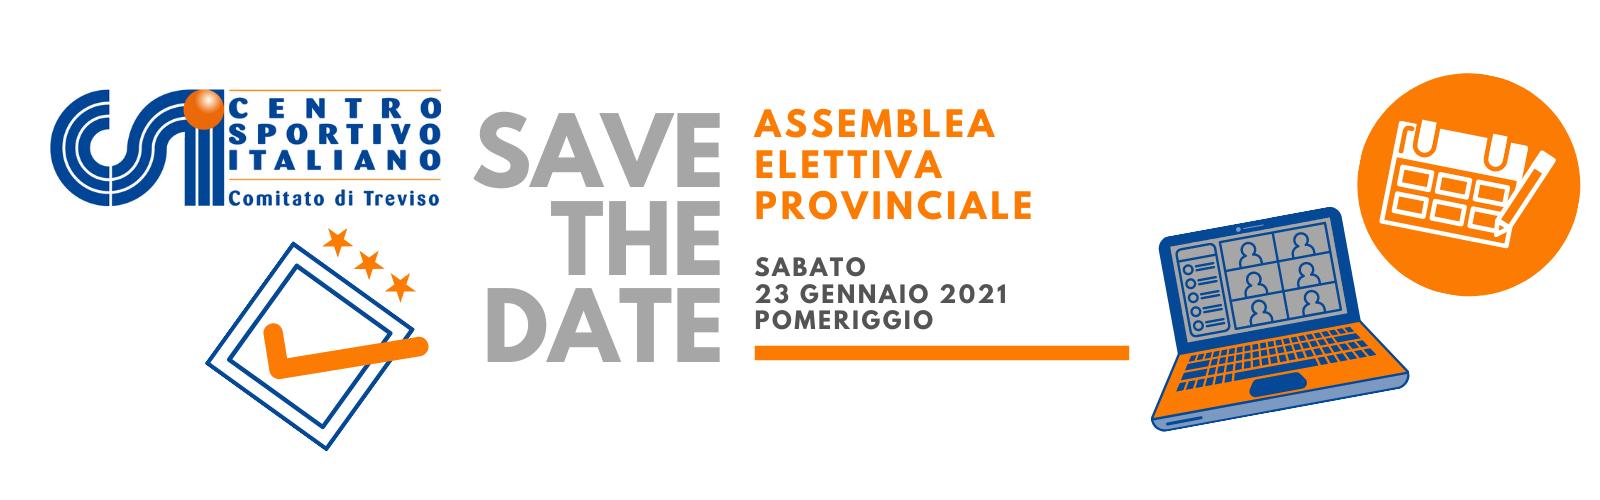 Sabato 23 gennaio torna l'Assemblea Elettiva del CSI Treviso